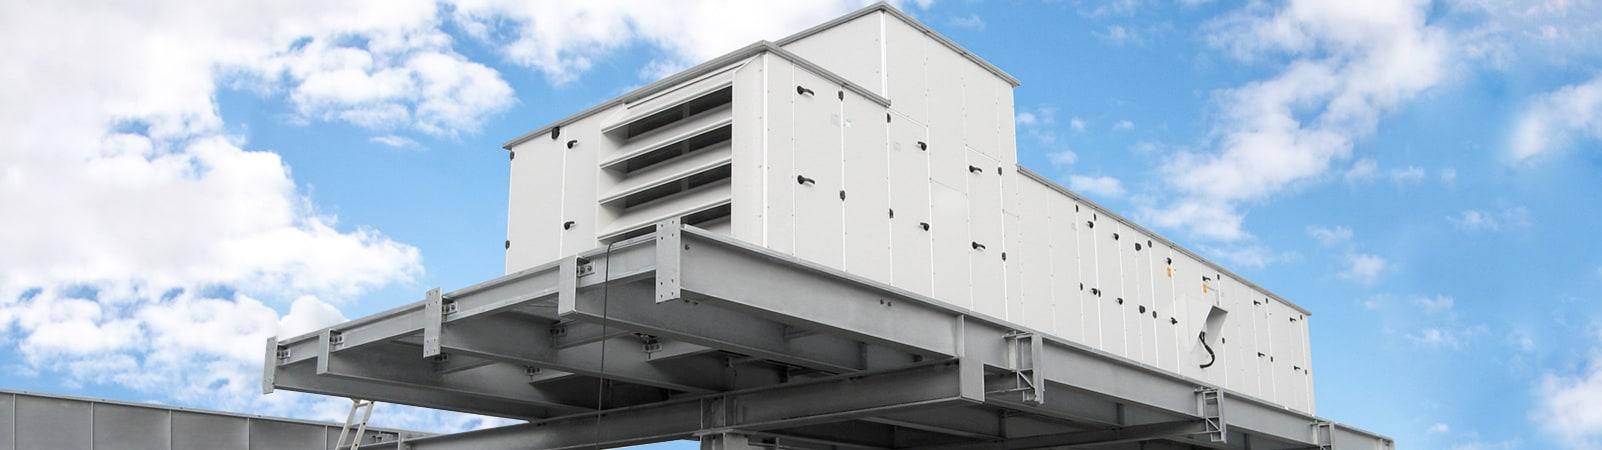 Lüftungs- und Klimaanlage